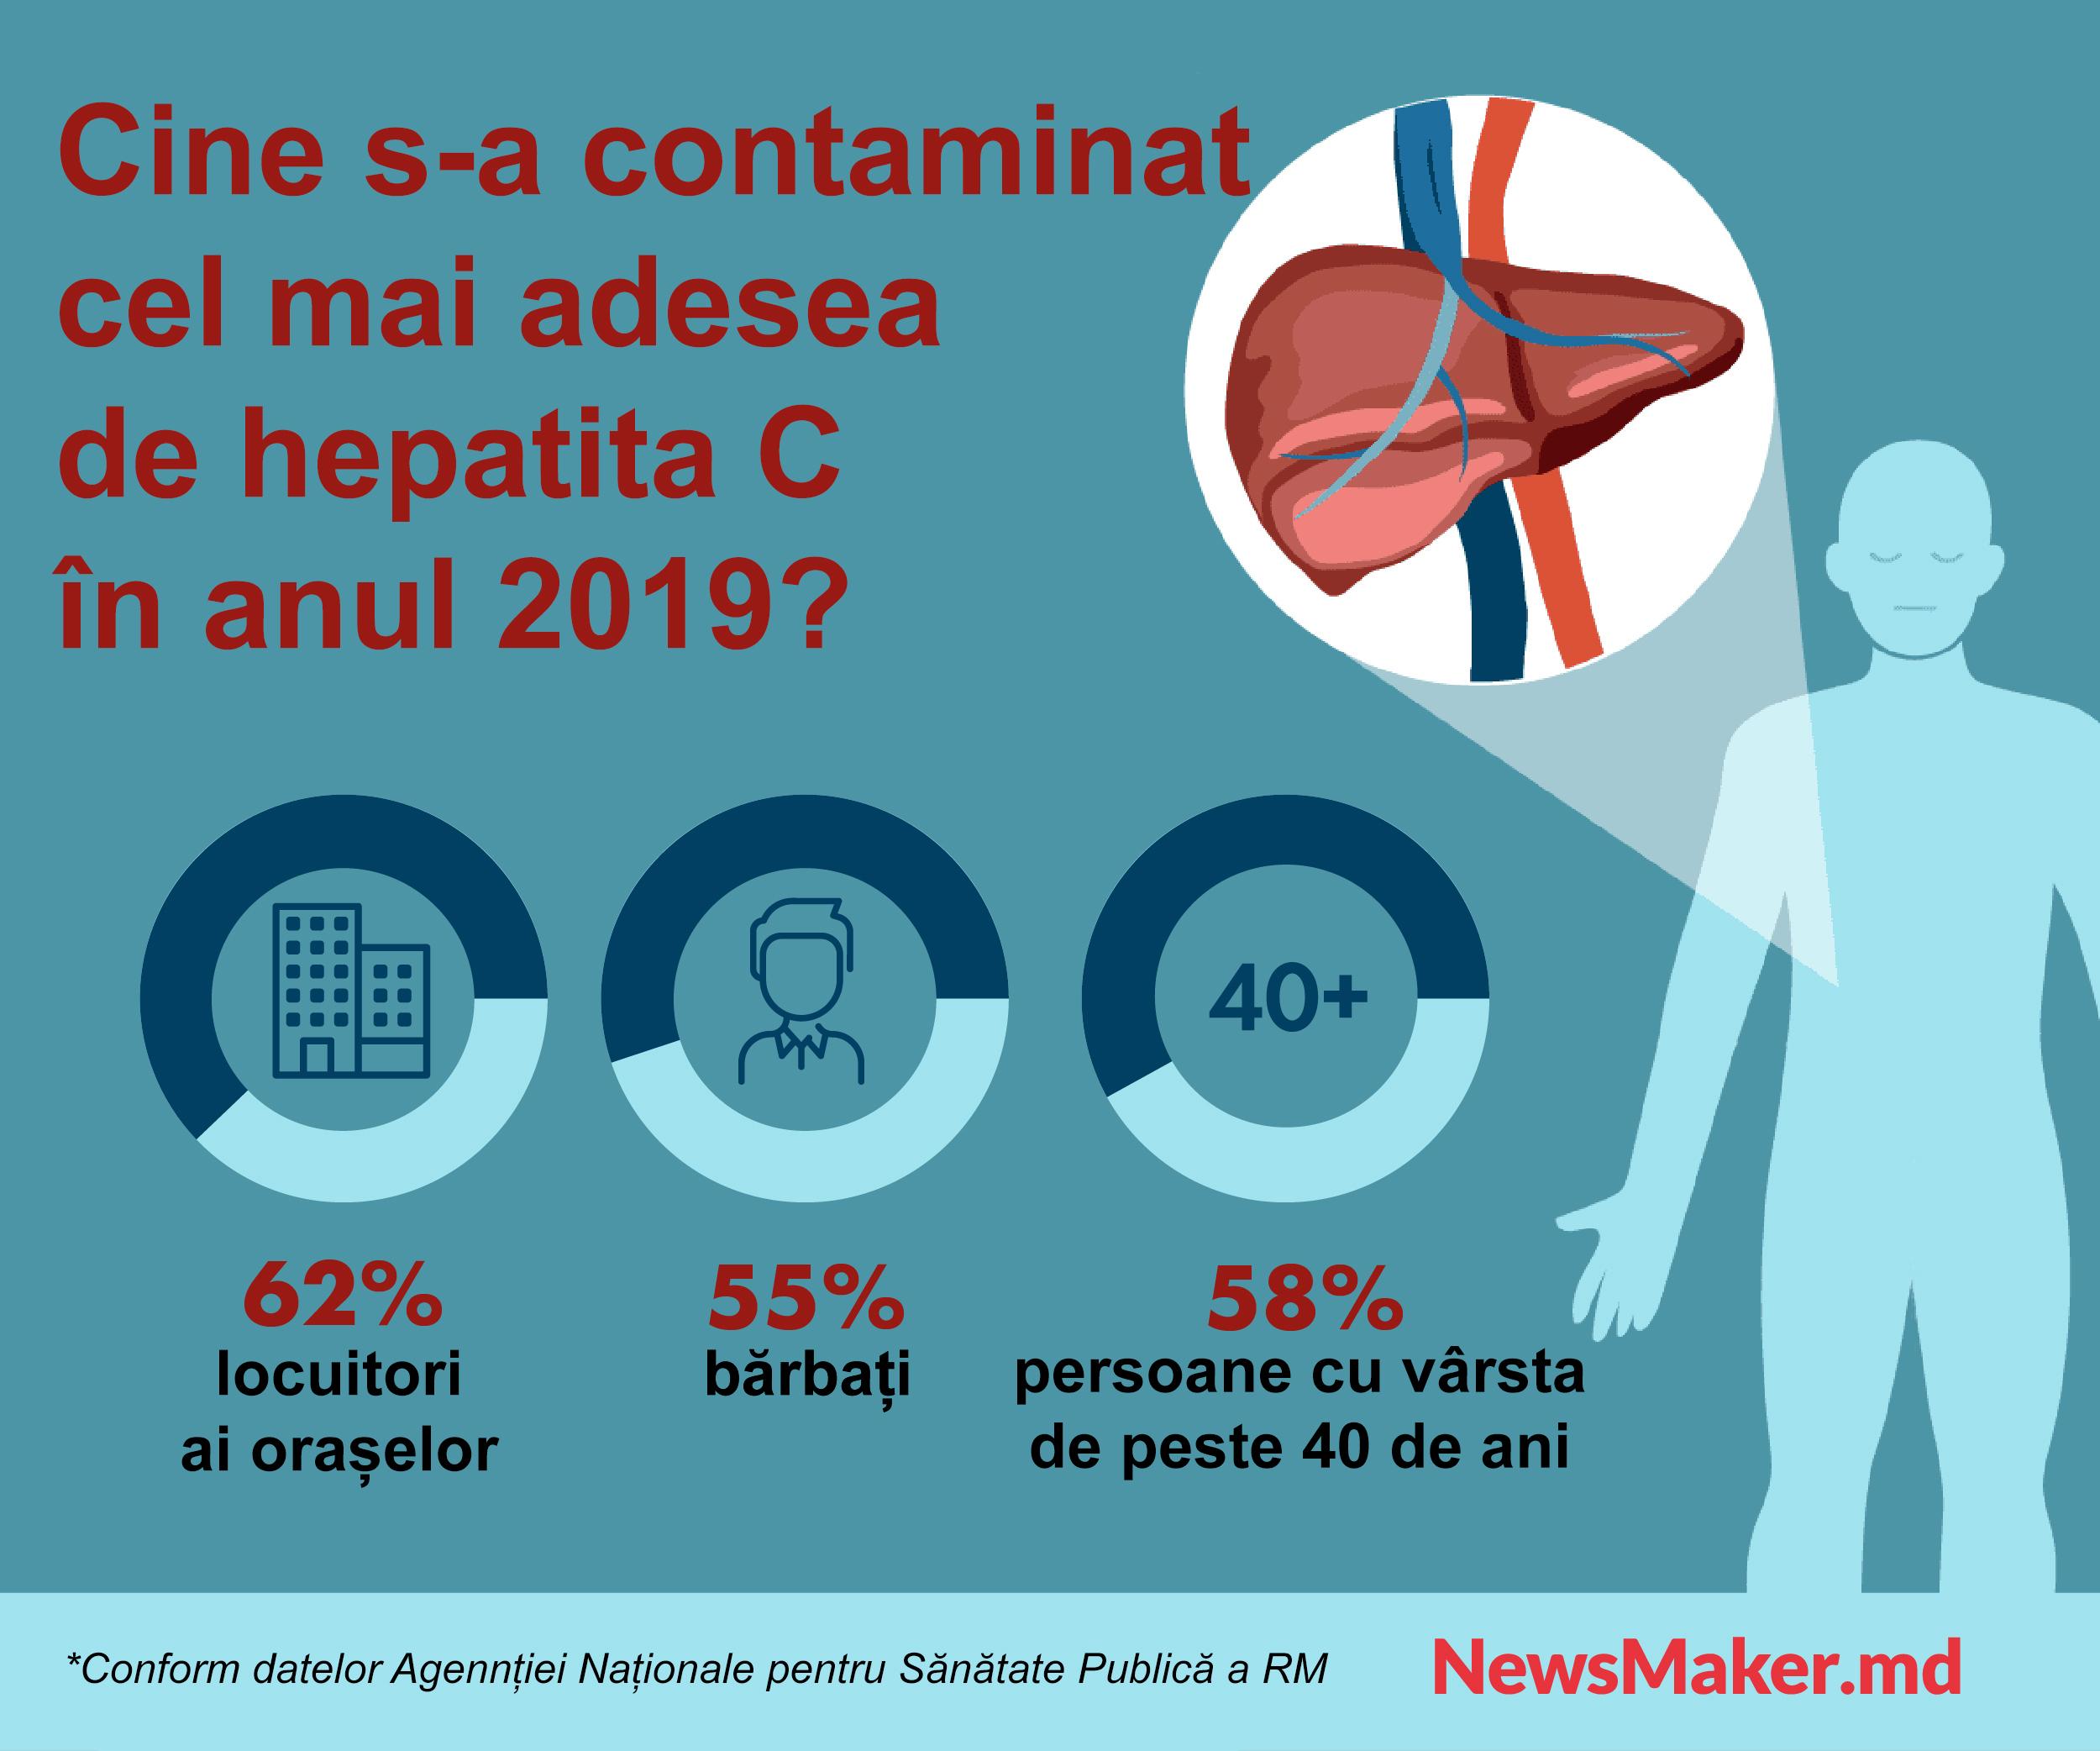 Incidența prin hepatita C acută crește în Moldova. Ce ne lipsește pentru a învinge virusul?